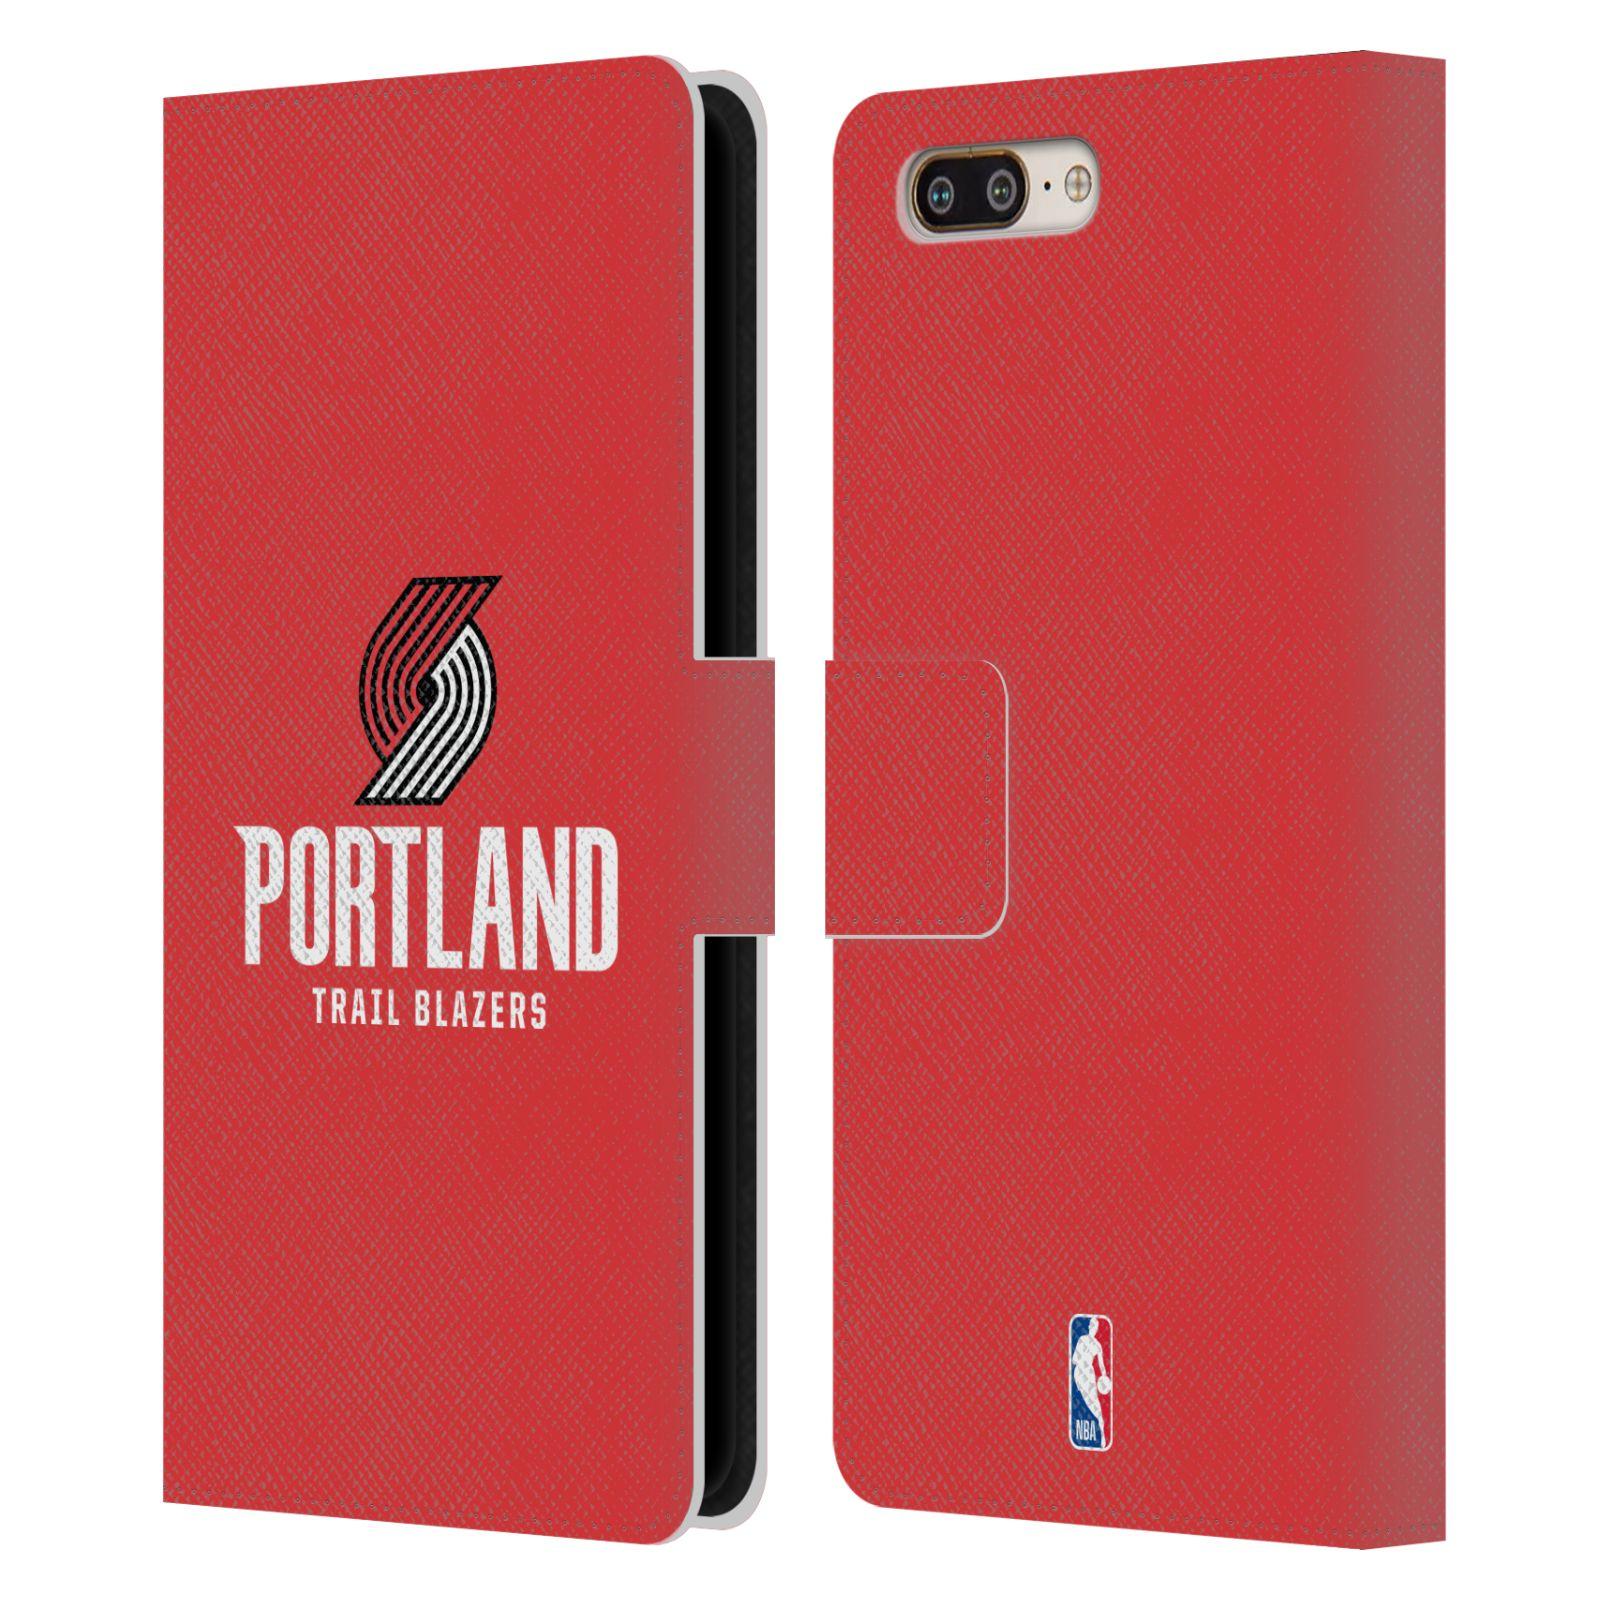 UFFICIALE-NBA-PORTLAND-TRAIL-BLAZERS-COVER-A-PORTAFOGLIO-PER-BLACKBERRY-ONEPLUS